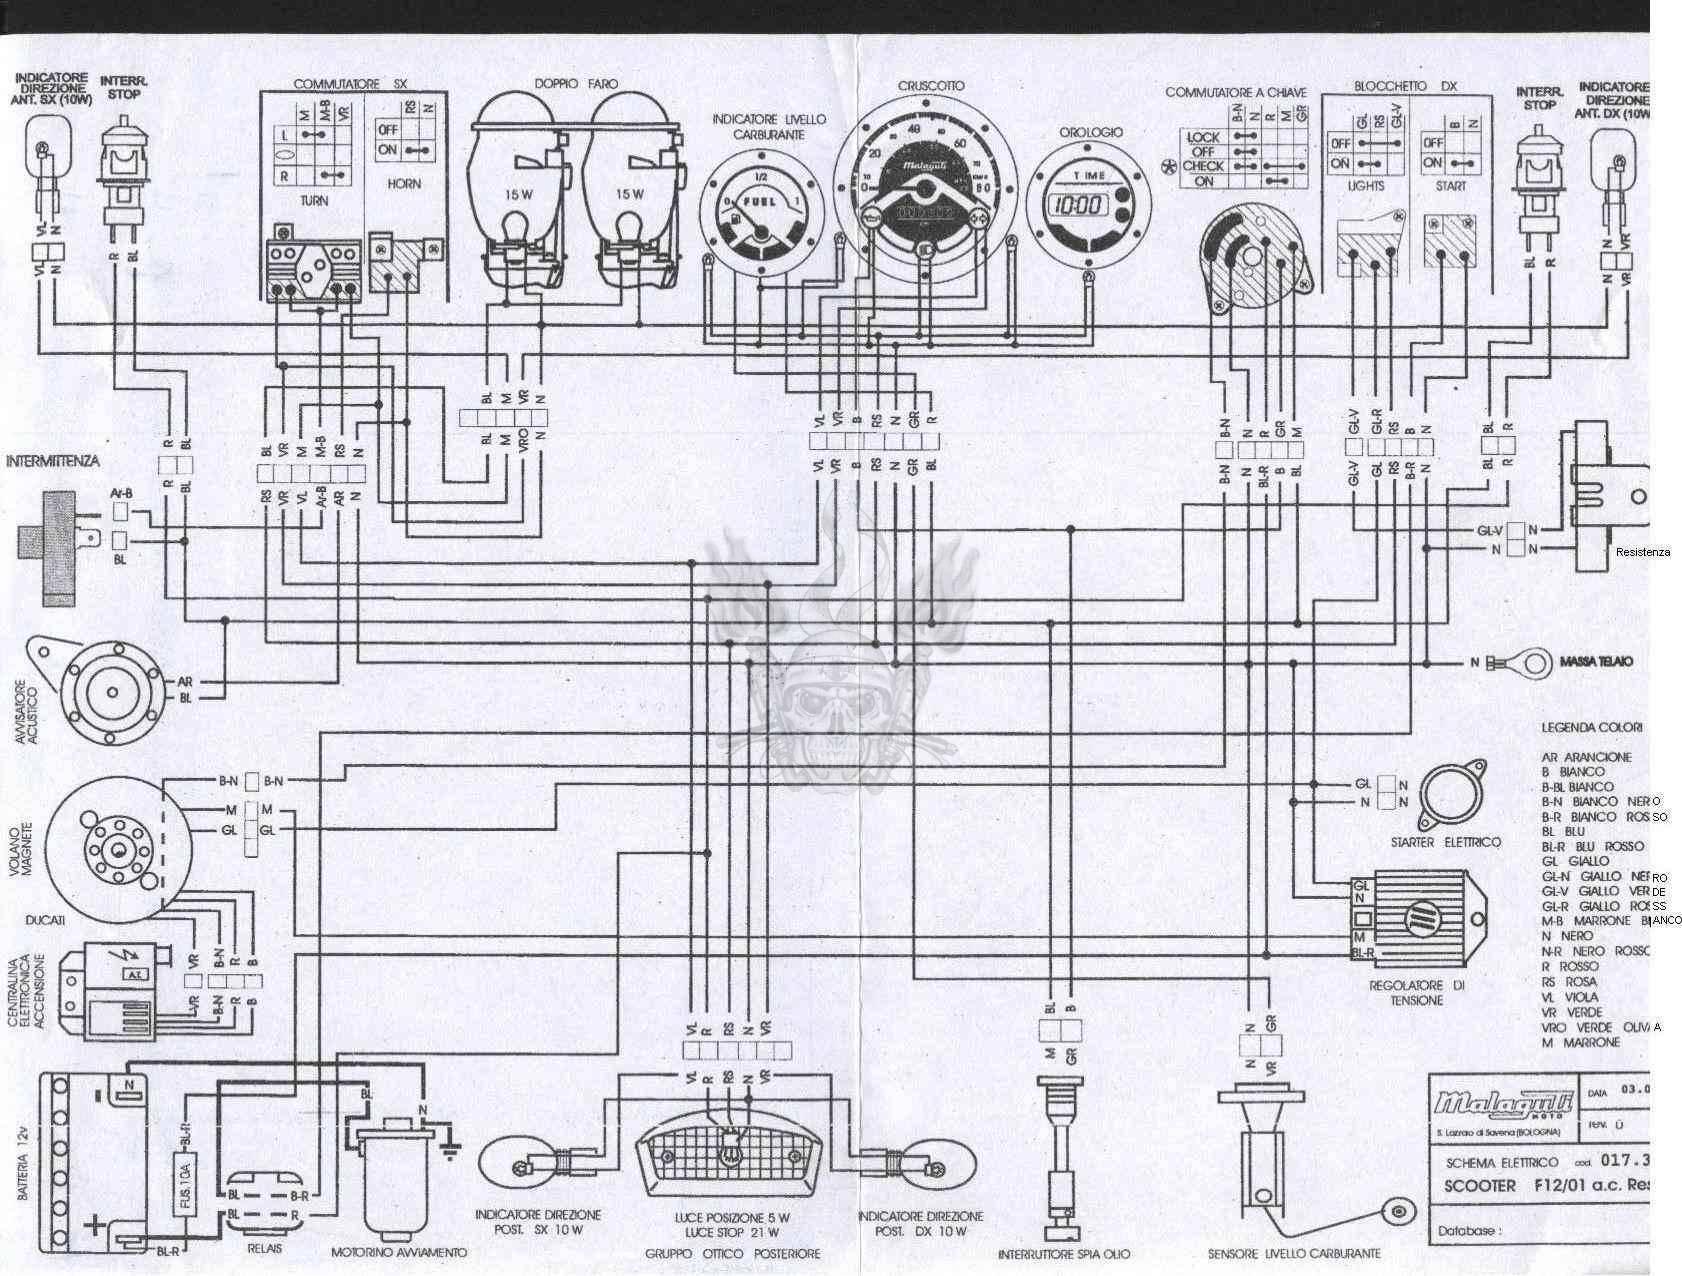 malaguti motorcycle manuals pdf, wiring diagrams & fault codes hvac wiring diagrams download moto_schem_malaguti_f12_phantom_ac_bj01_scooter moto_schem_malaguti_f12_phantom_ac_bj01_scooter moto_schem_malaguti_f12_phantom_ac_bj01_